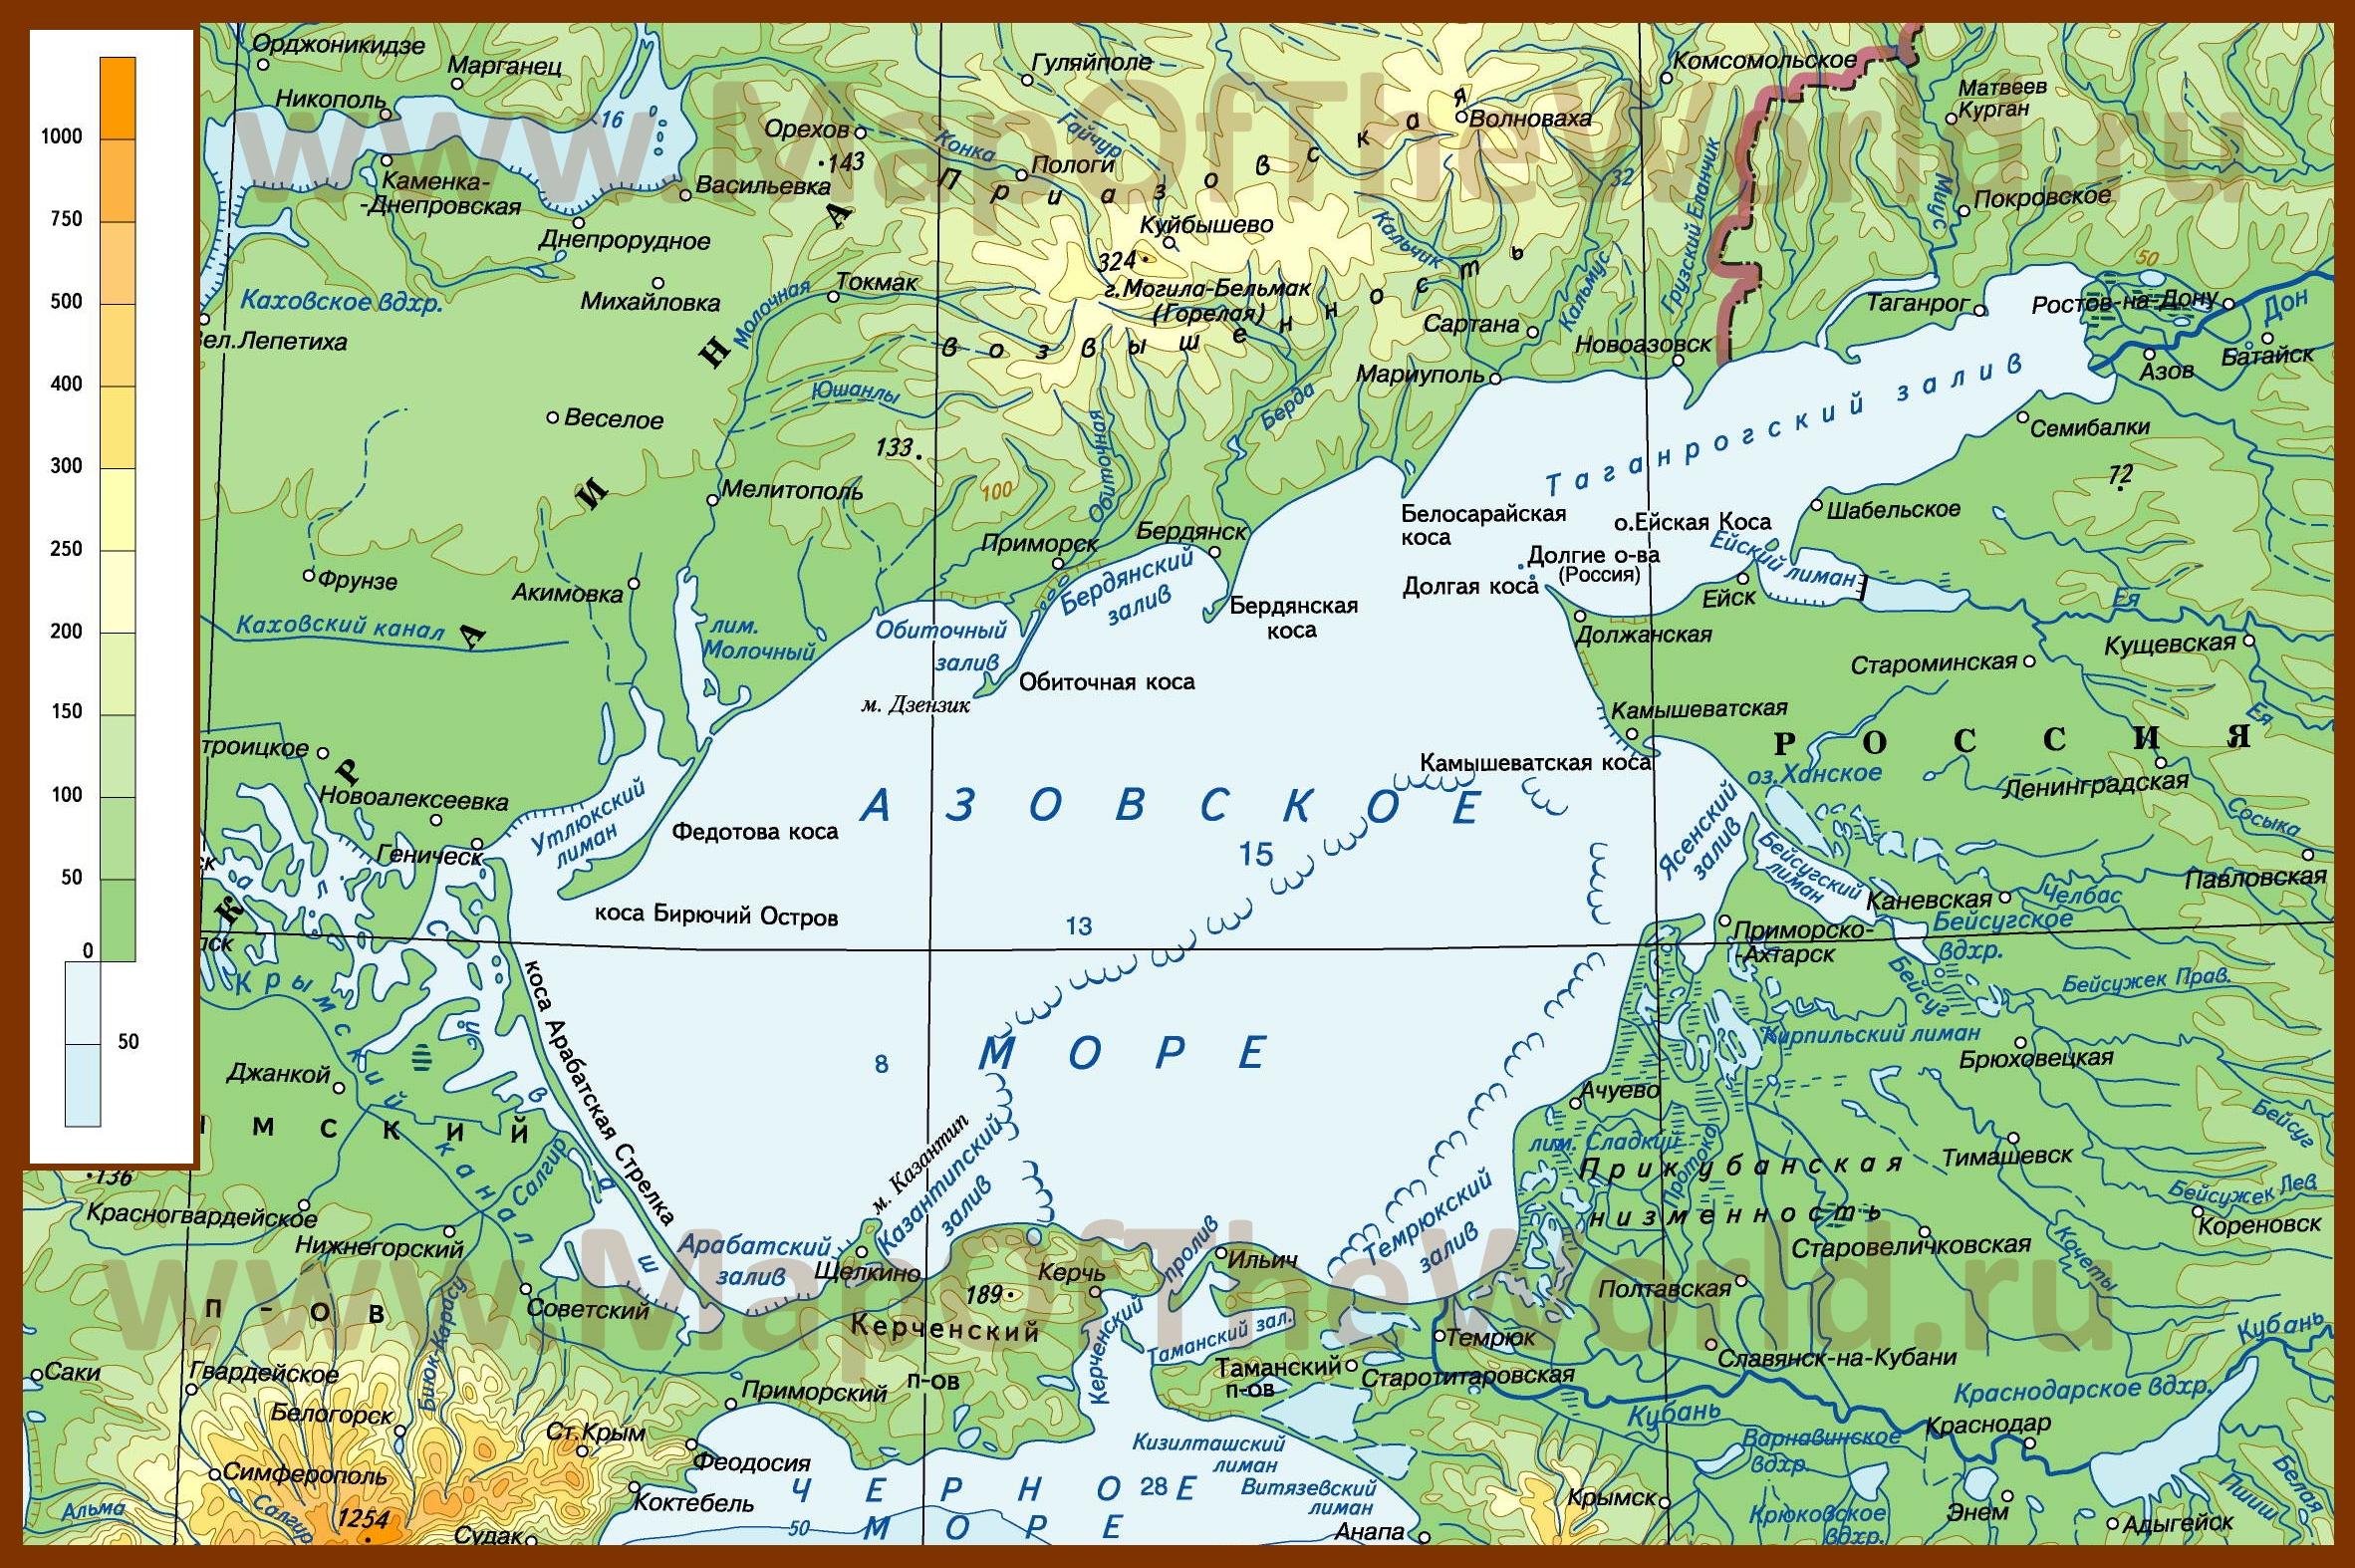 Азовское Море На Карте России Фото: http://tominecraft.ru/azovskoe-more-na-karte-rossii-foto.html